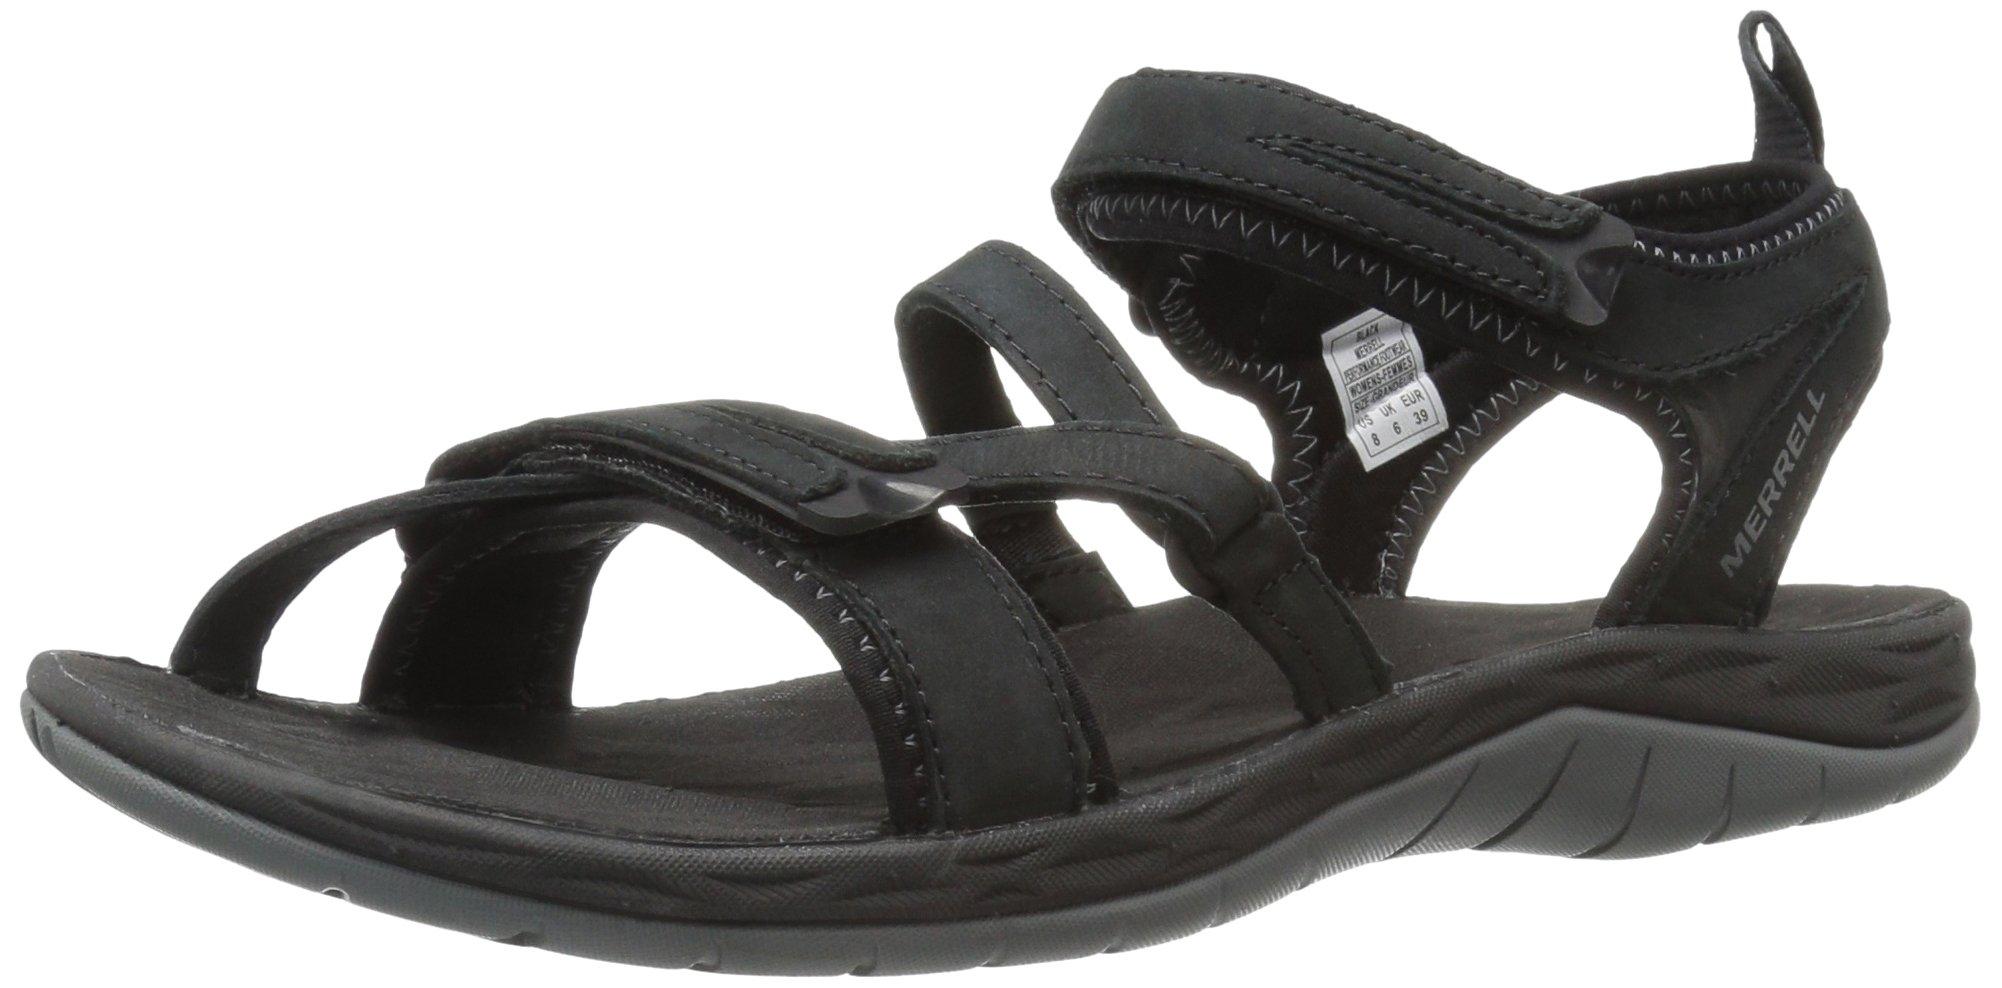 Merrell Women's Siren Strap Q2 Athletic Sandal, Black, 7 M US